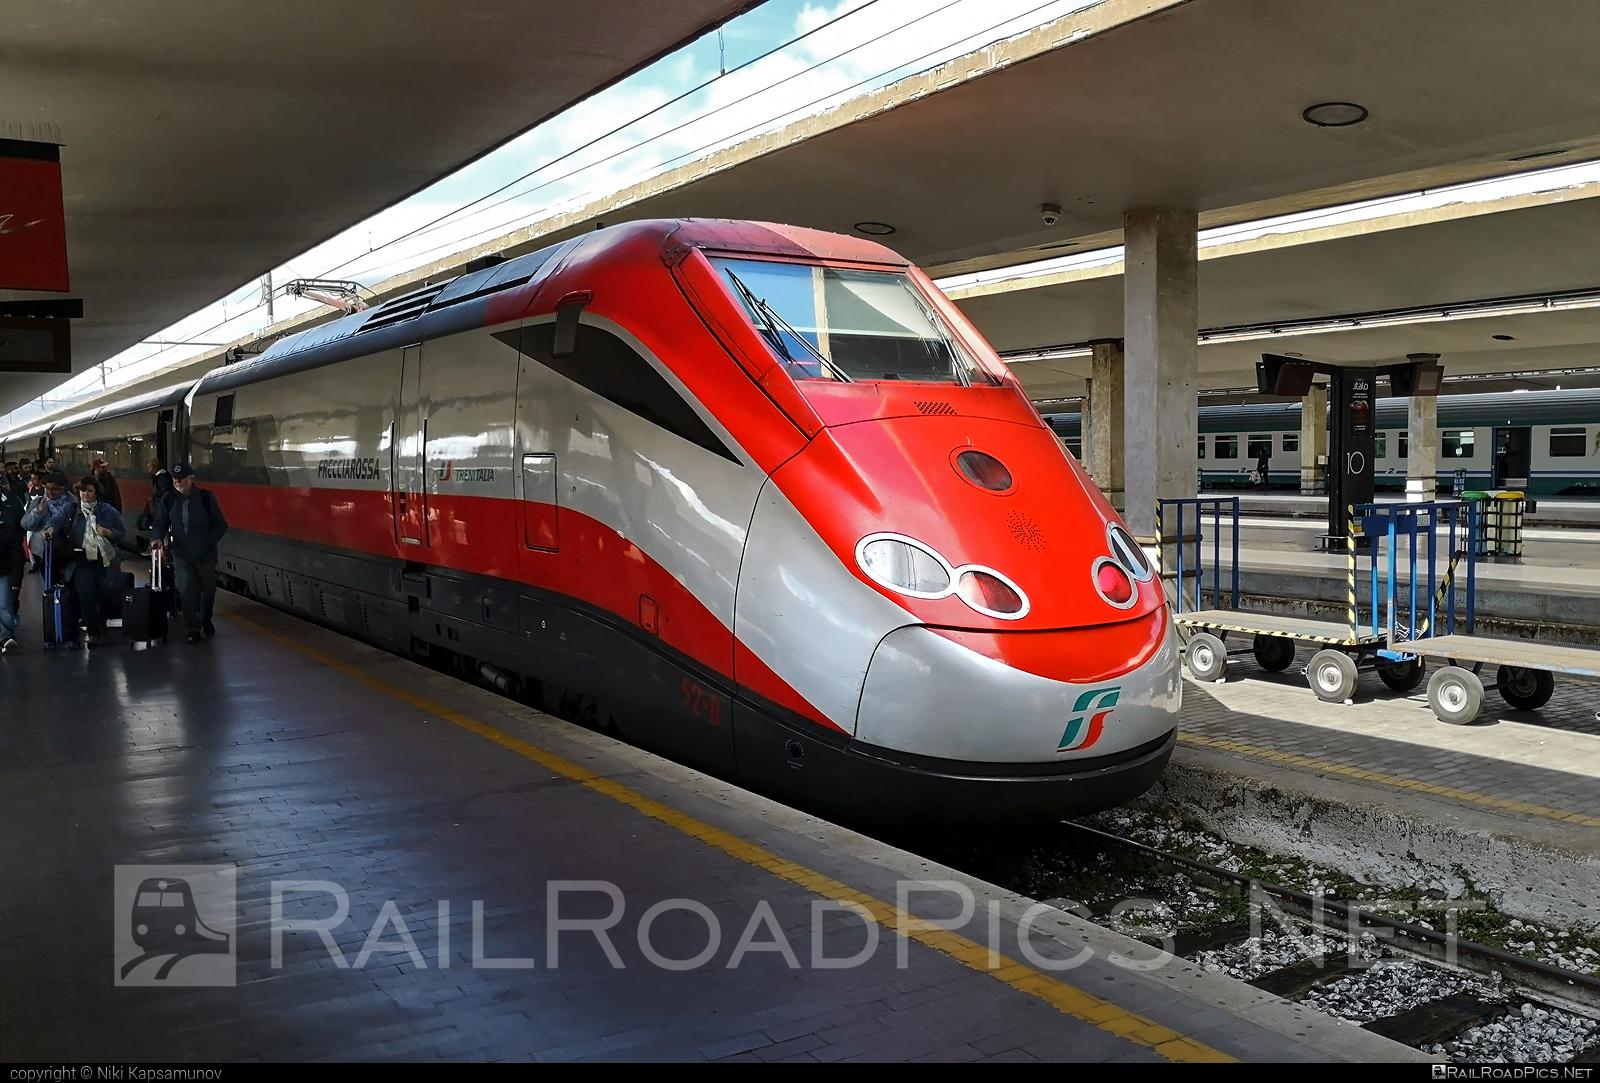 Consorzio TREVI Class ETR.500 - 52-B operated by Trenitalia S.p.A. #classetr500 #consorziotrevi #etr500 #ferroviedellostato #frecciarossa #fs #fsclassetr500 #fsitaliane #lefrecce #trenitalia #trenitaliaspa #trevietr500